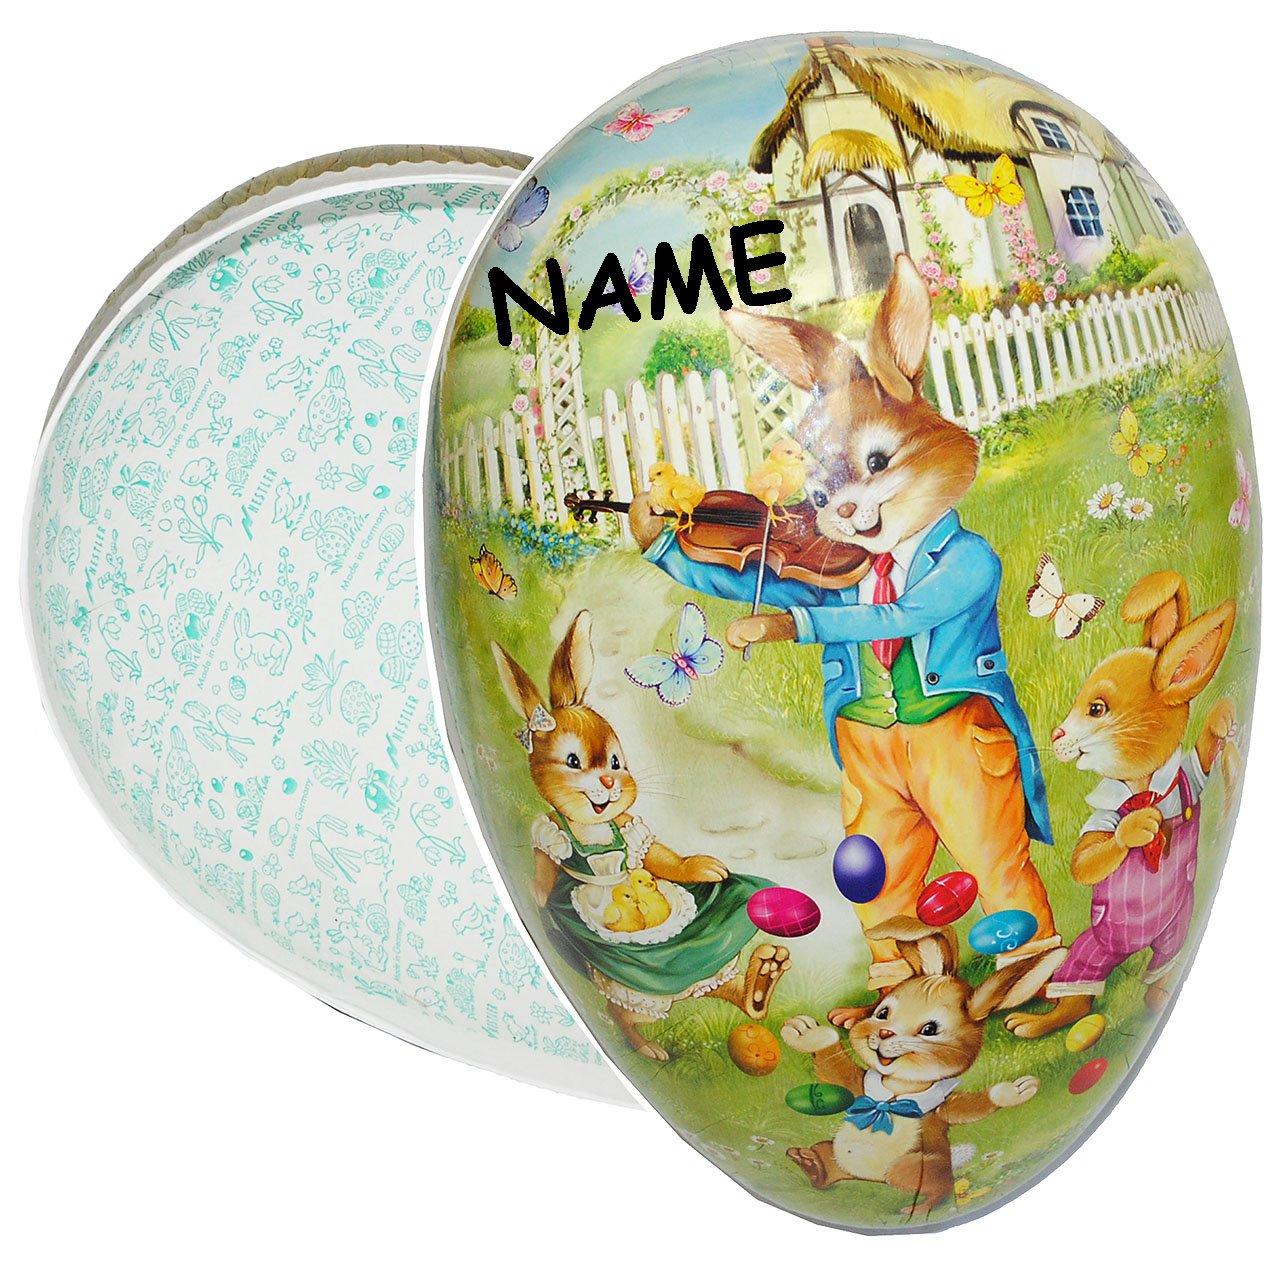 Alles-meine  GmbH 3 Stück _ XXL - - - Pappei zum Befüllen - 36 cm -  Hase mit Geige   Violine  - Osterei   Ei zum Befüllen - Papposterei - Deko Pappe Papp - Dekoei Pappostereier .. B07QBNKZXZ Ostern c6d0fe